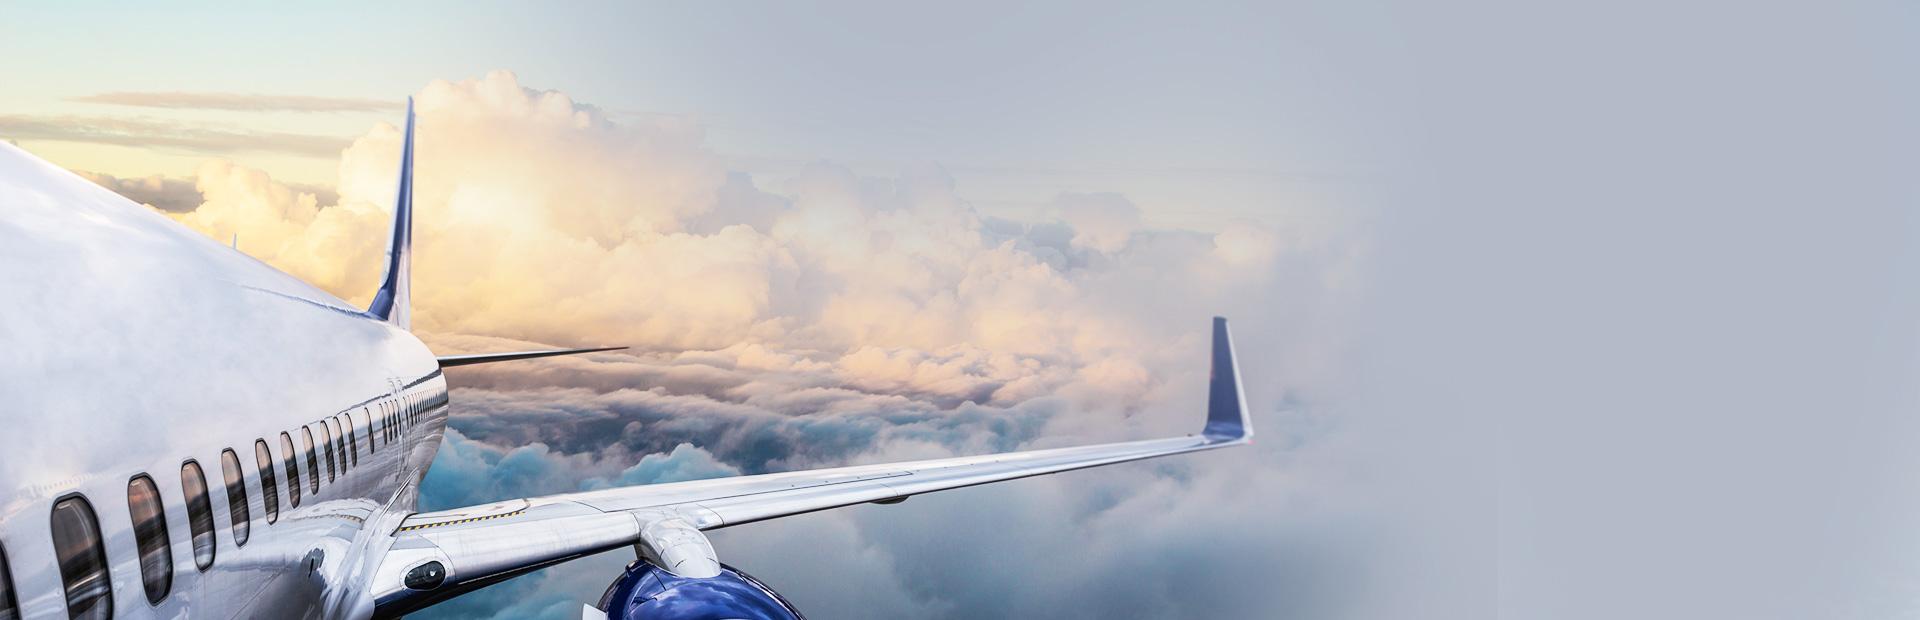 airplane-finance-banner